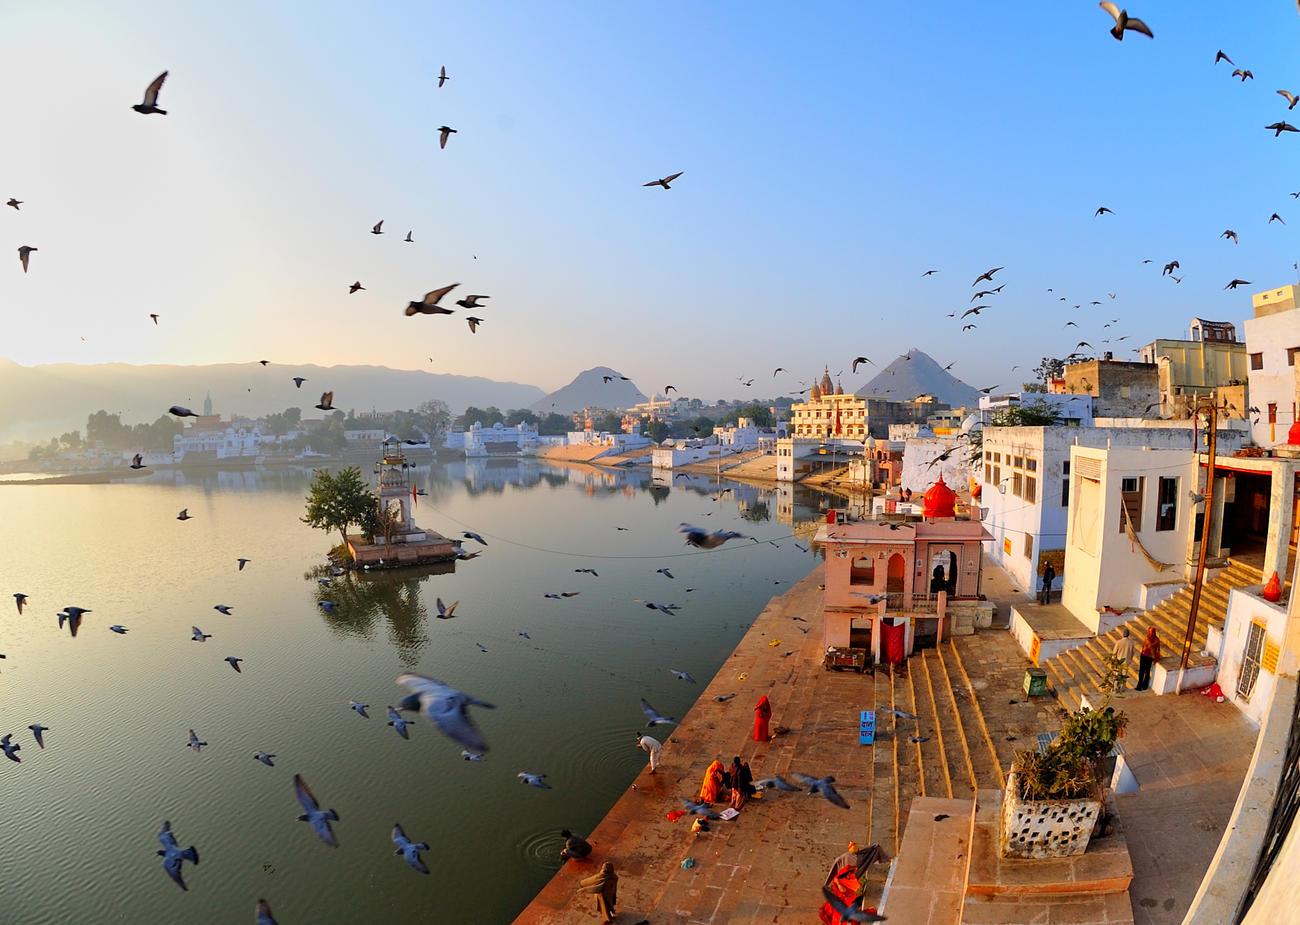 Sunrise at Pushkar